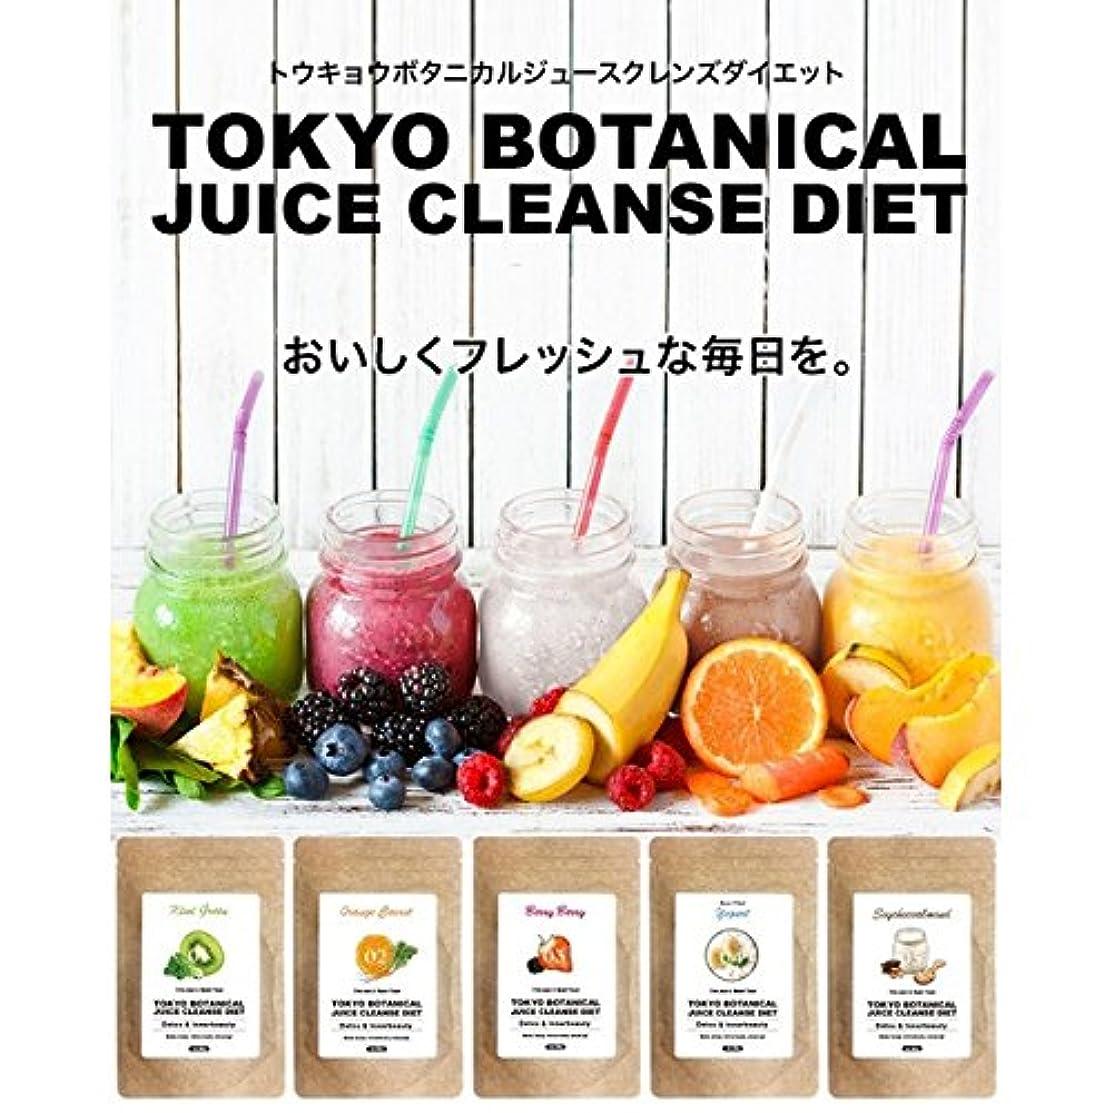 なかなか上級盆東京ボタニカルジュースクレンズダイエット  キウイグリーン&ヨーグルトセット